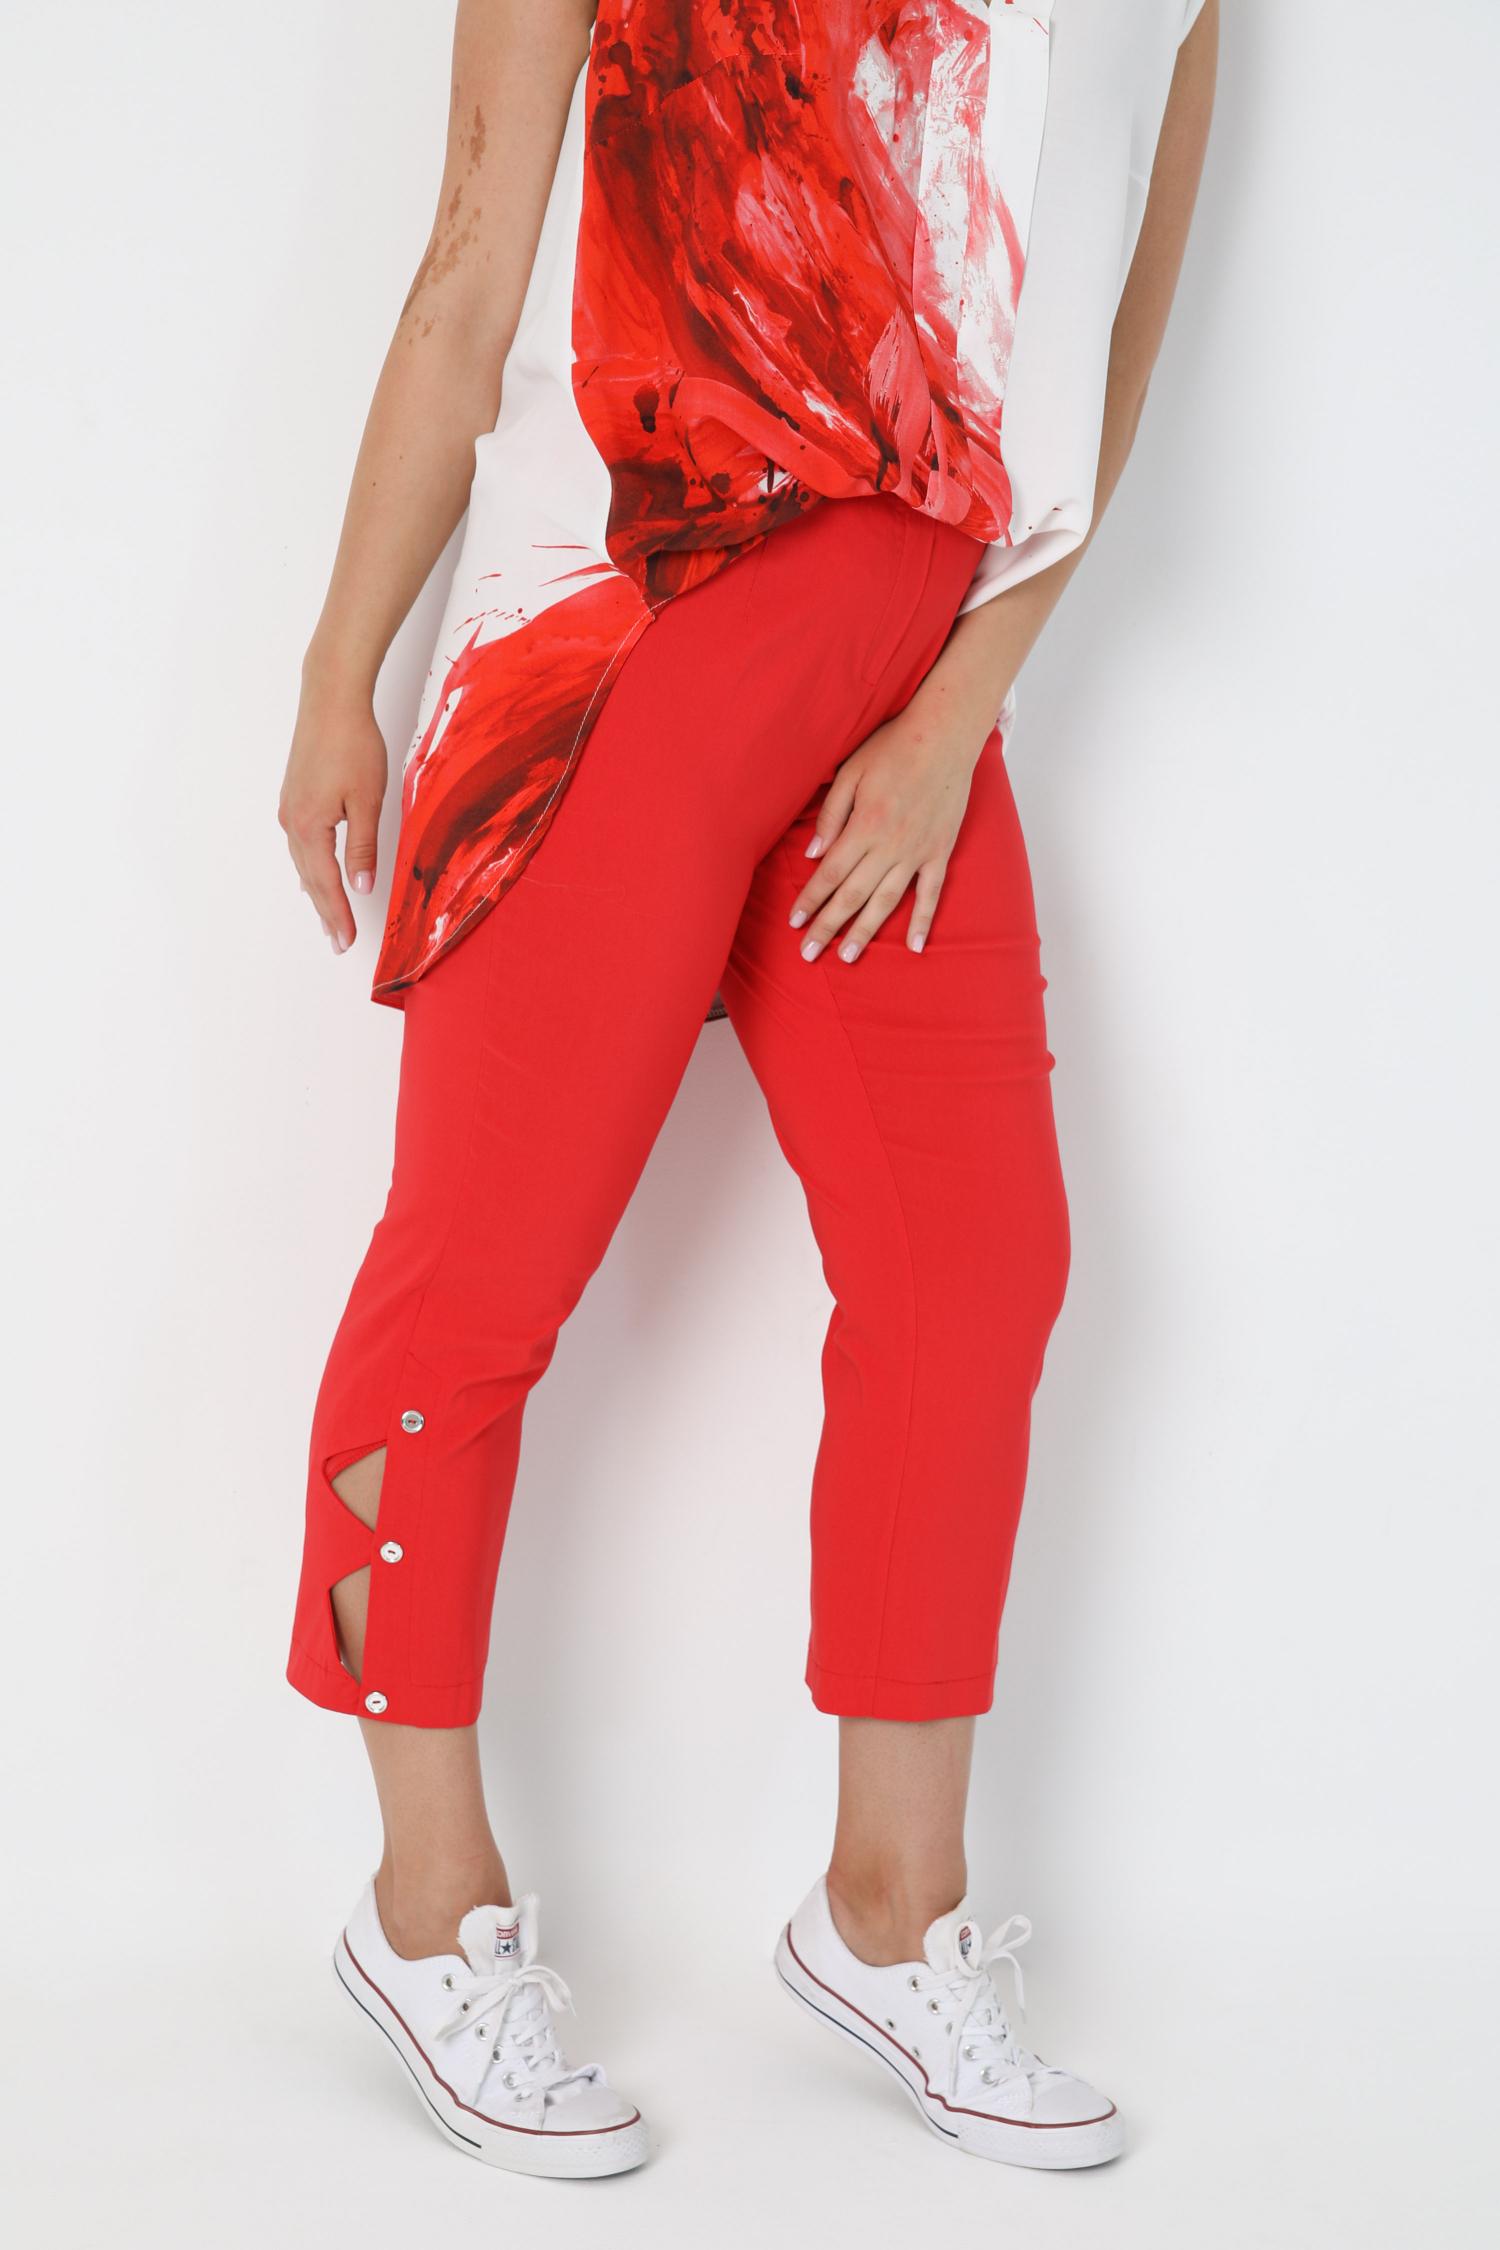 Capri pants cut on the side